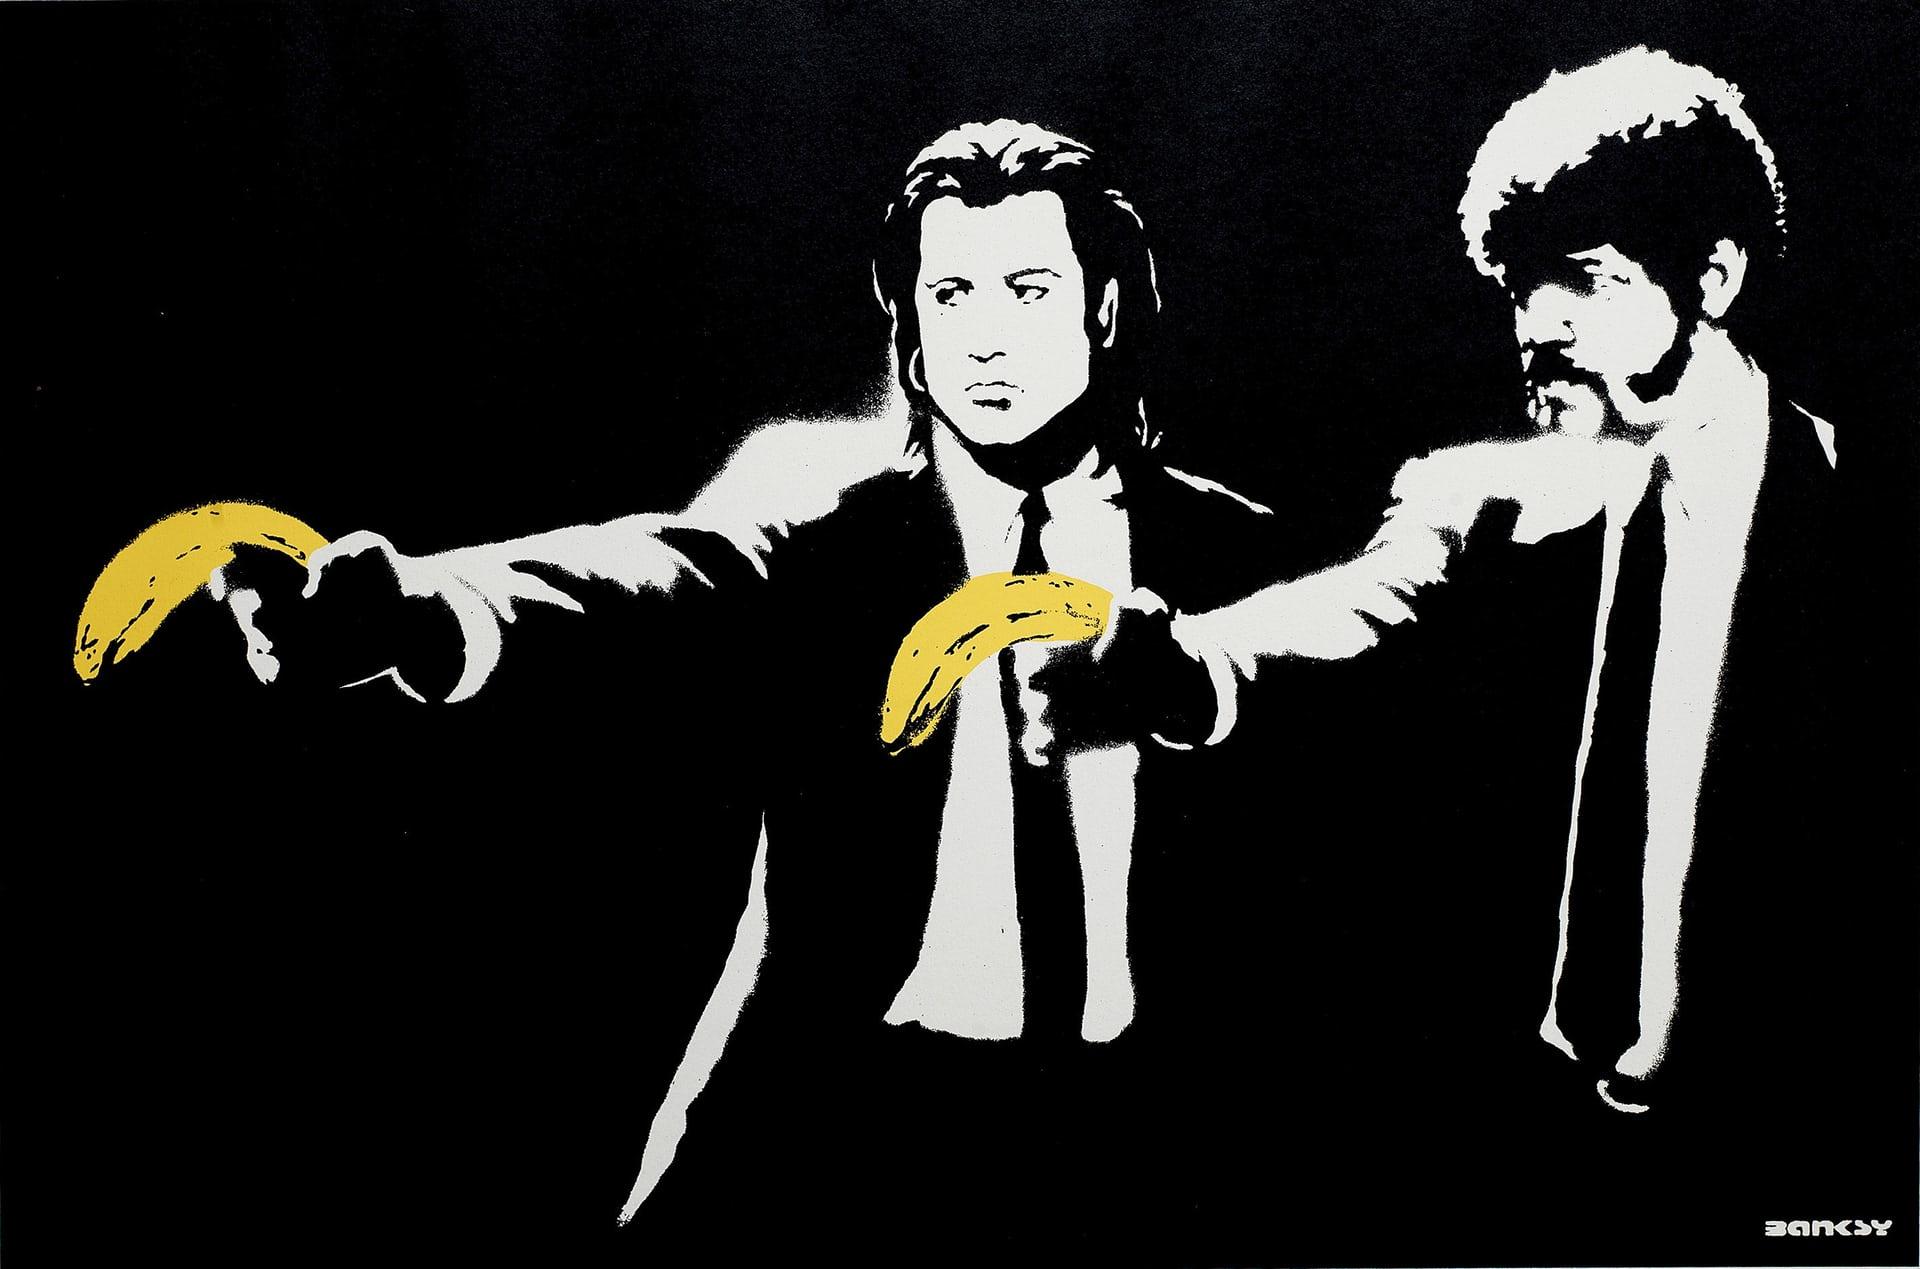 Un'opera di Banksy